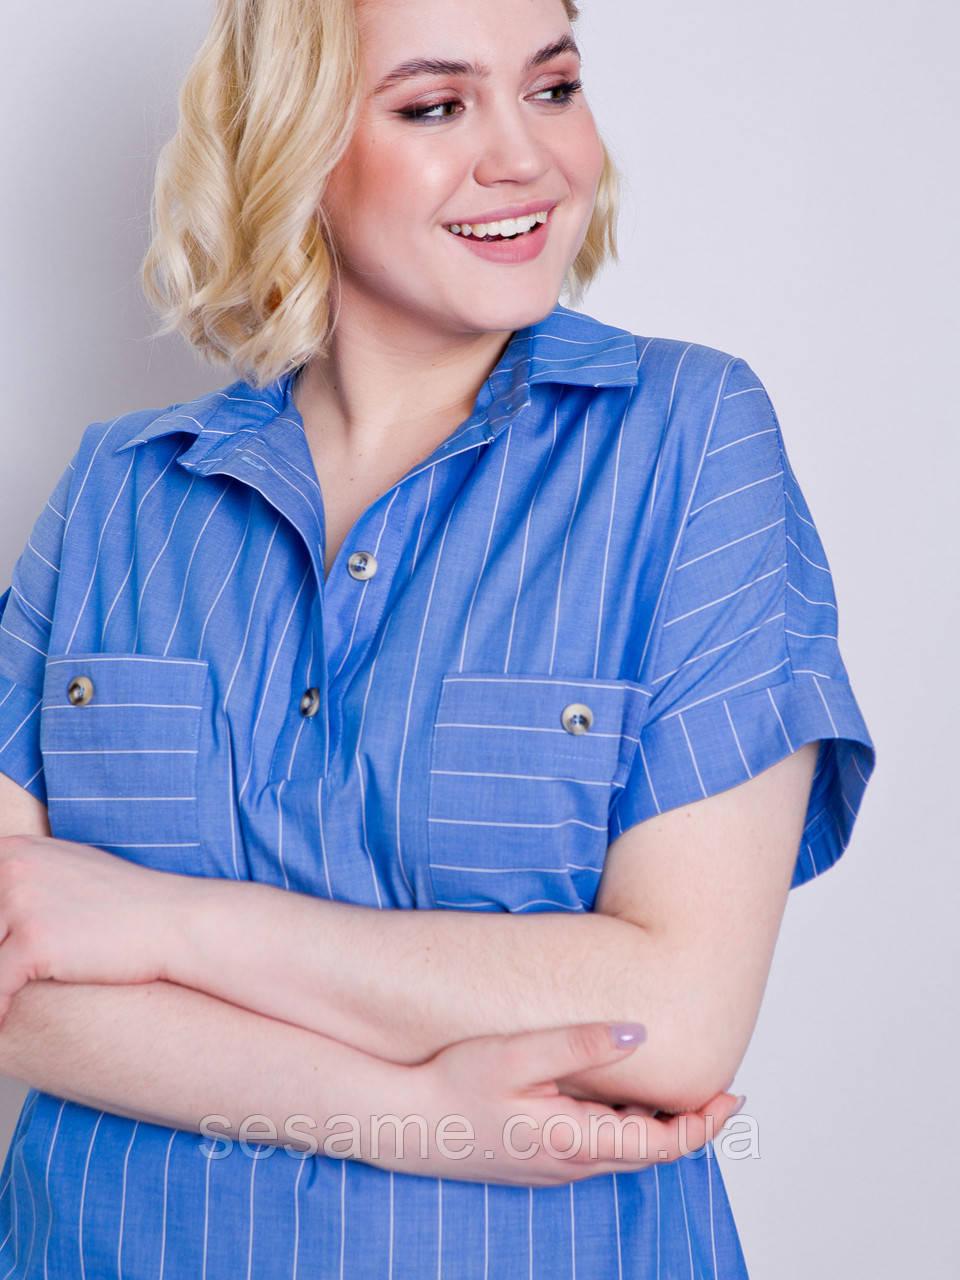 grand ua Ивонет принт блуза